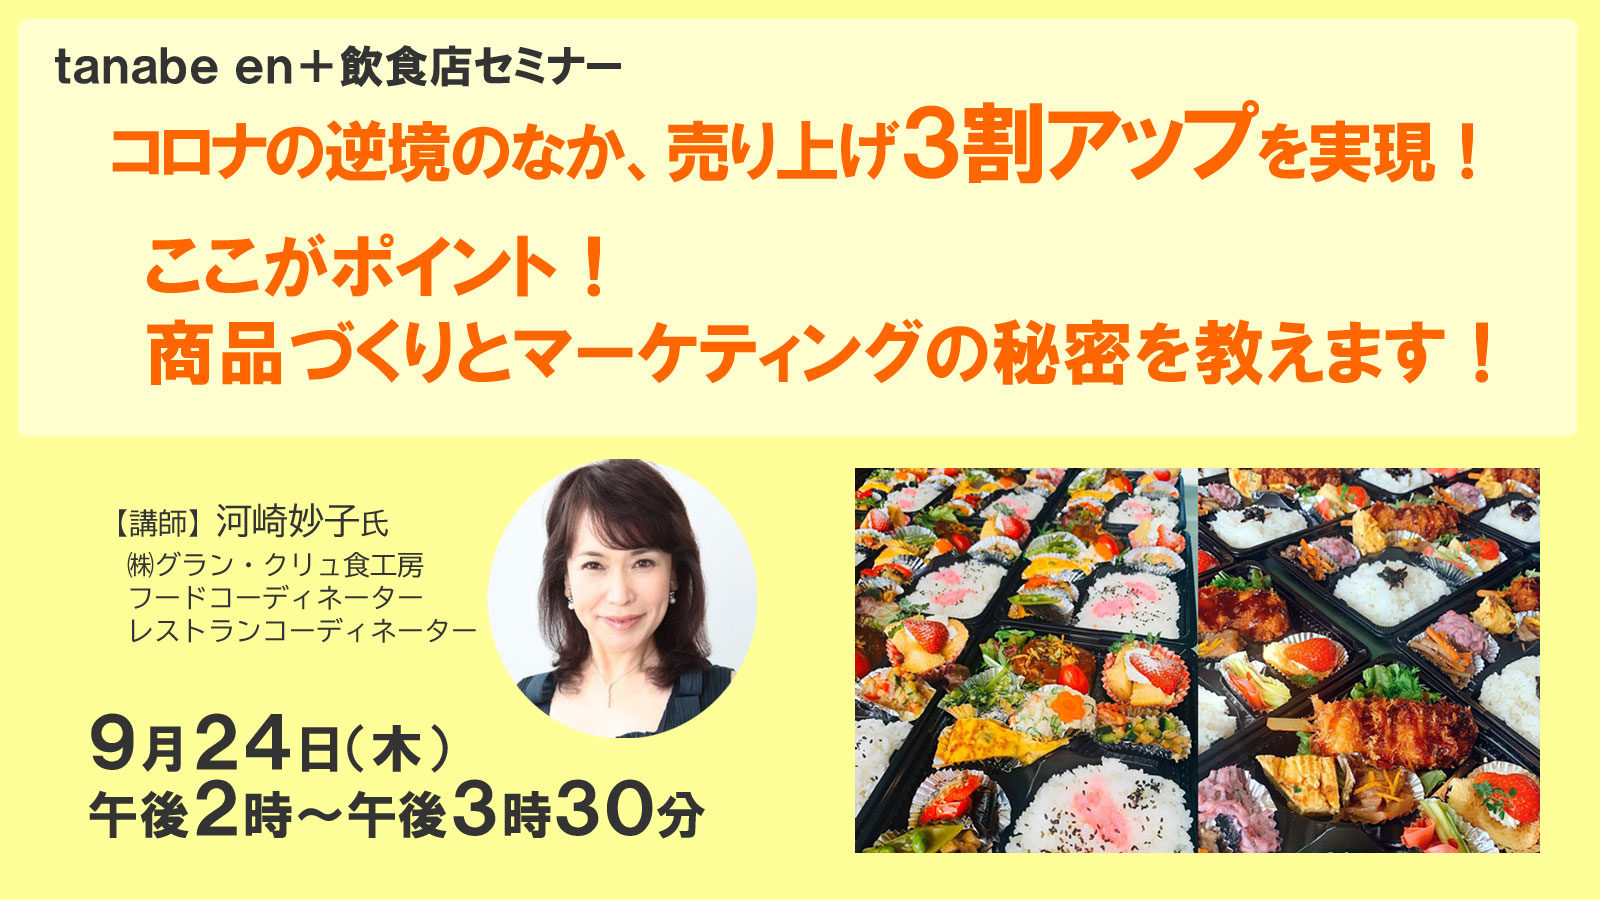 【tanabe en+飲食業セミナー】コロナの逆境のなか、売り上げ3割アップを実現! ここがポイント!商品づくりとマーケティングの秘密を教えます!